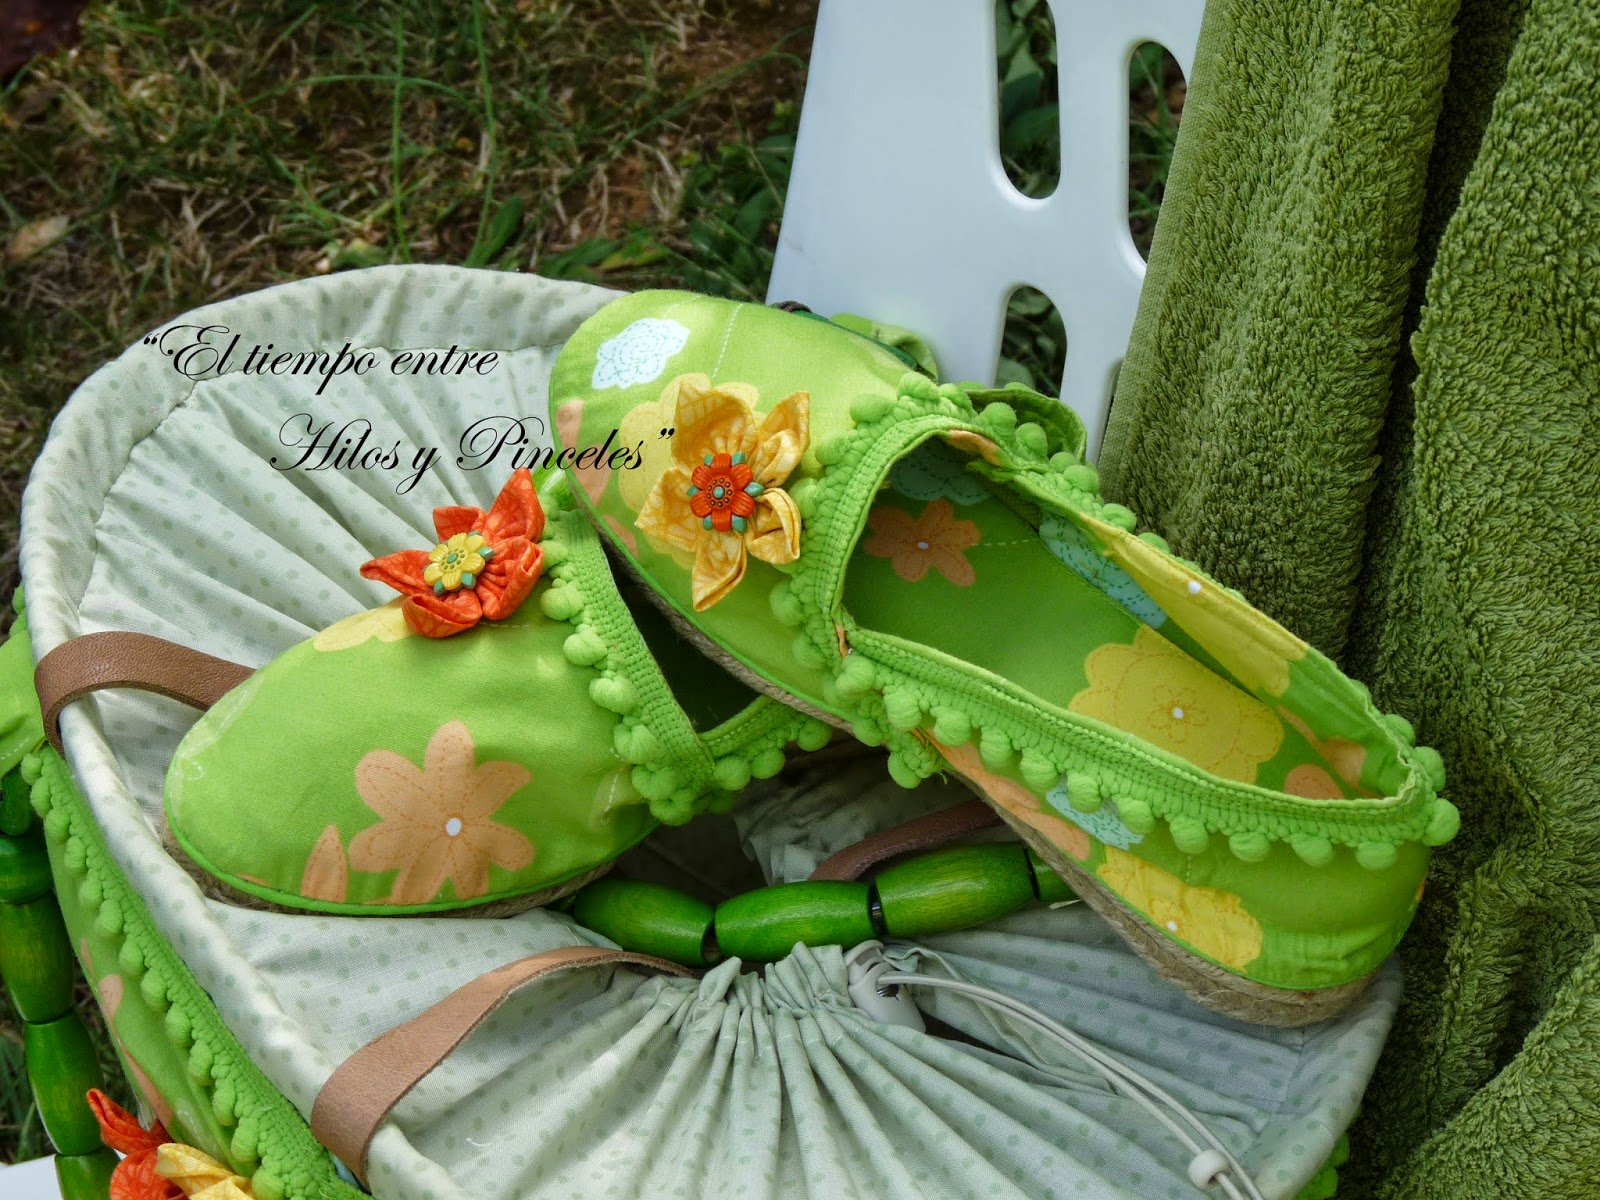 Las zapatillas, unas simples alpargatas de esparto en el mismo tono verde.